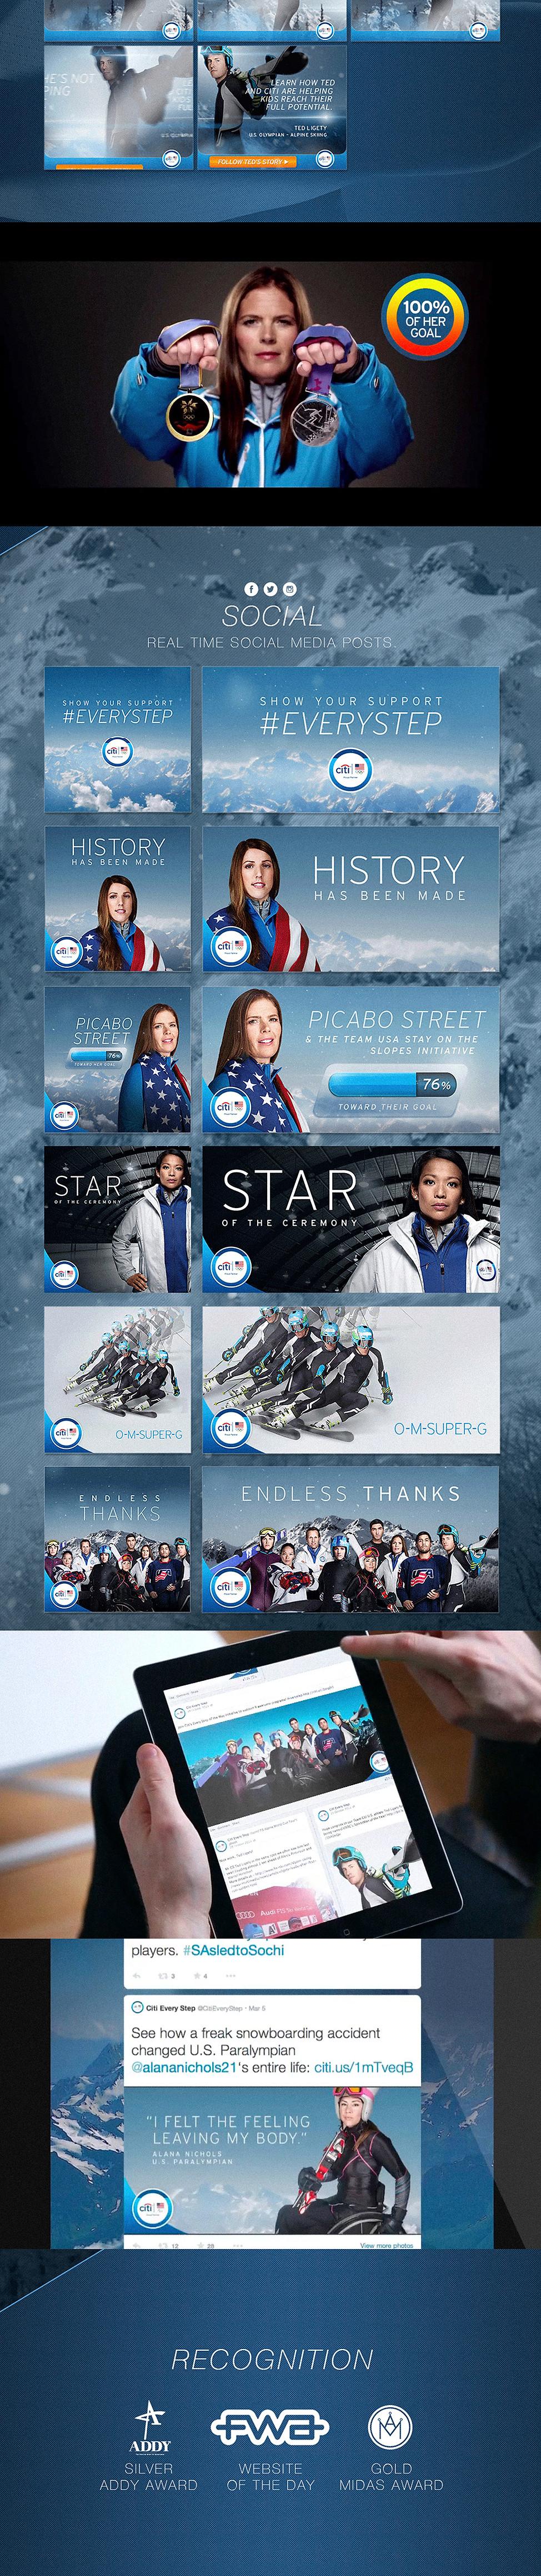 Citi_Campaign_Web_03.jpg